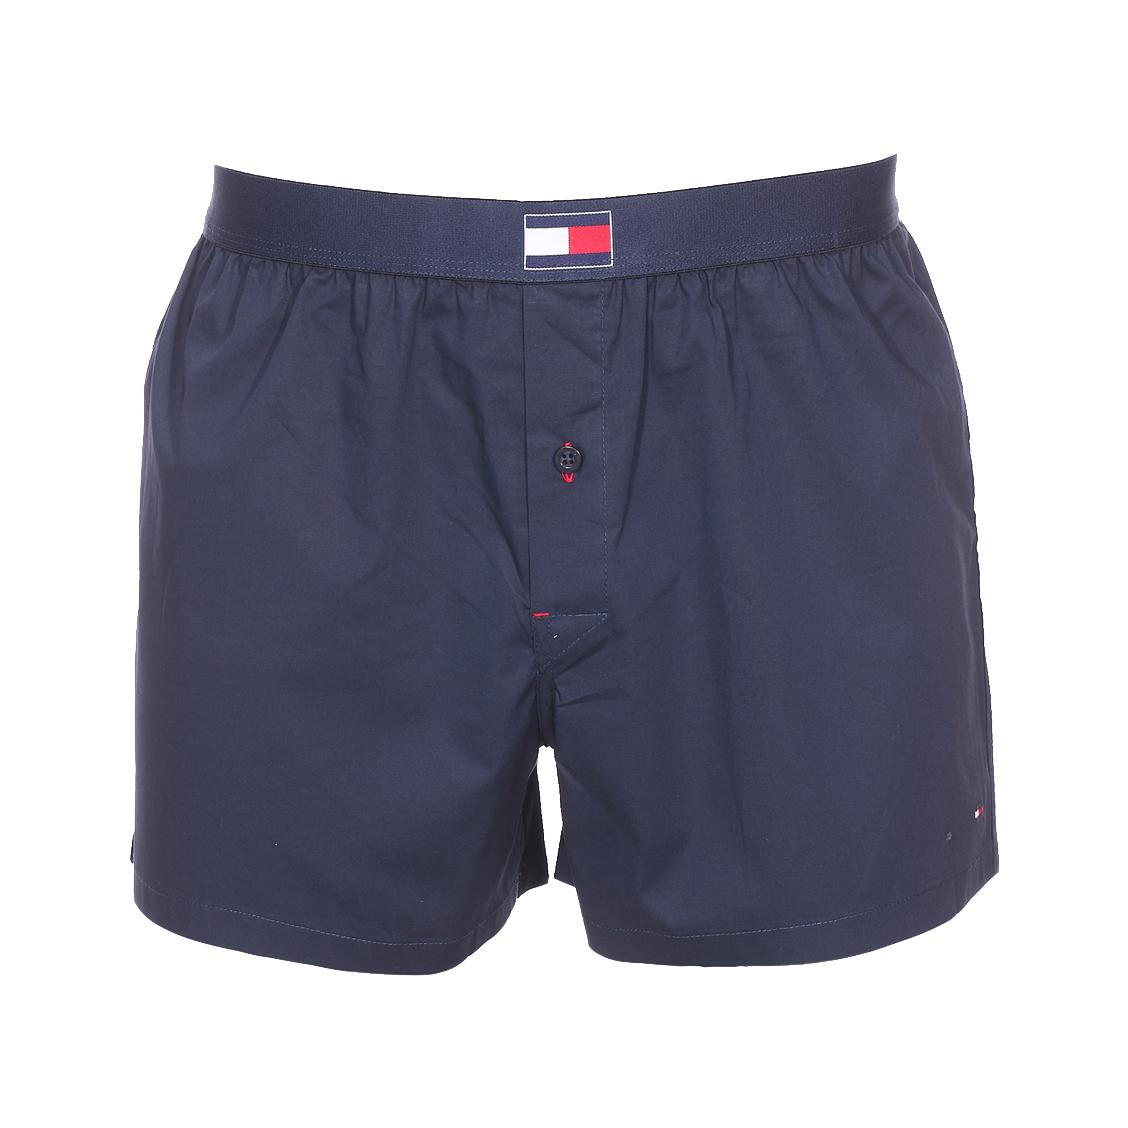 Caleçon tommy hilfiger woven boxer en coton stretch bleu marine